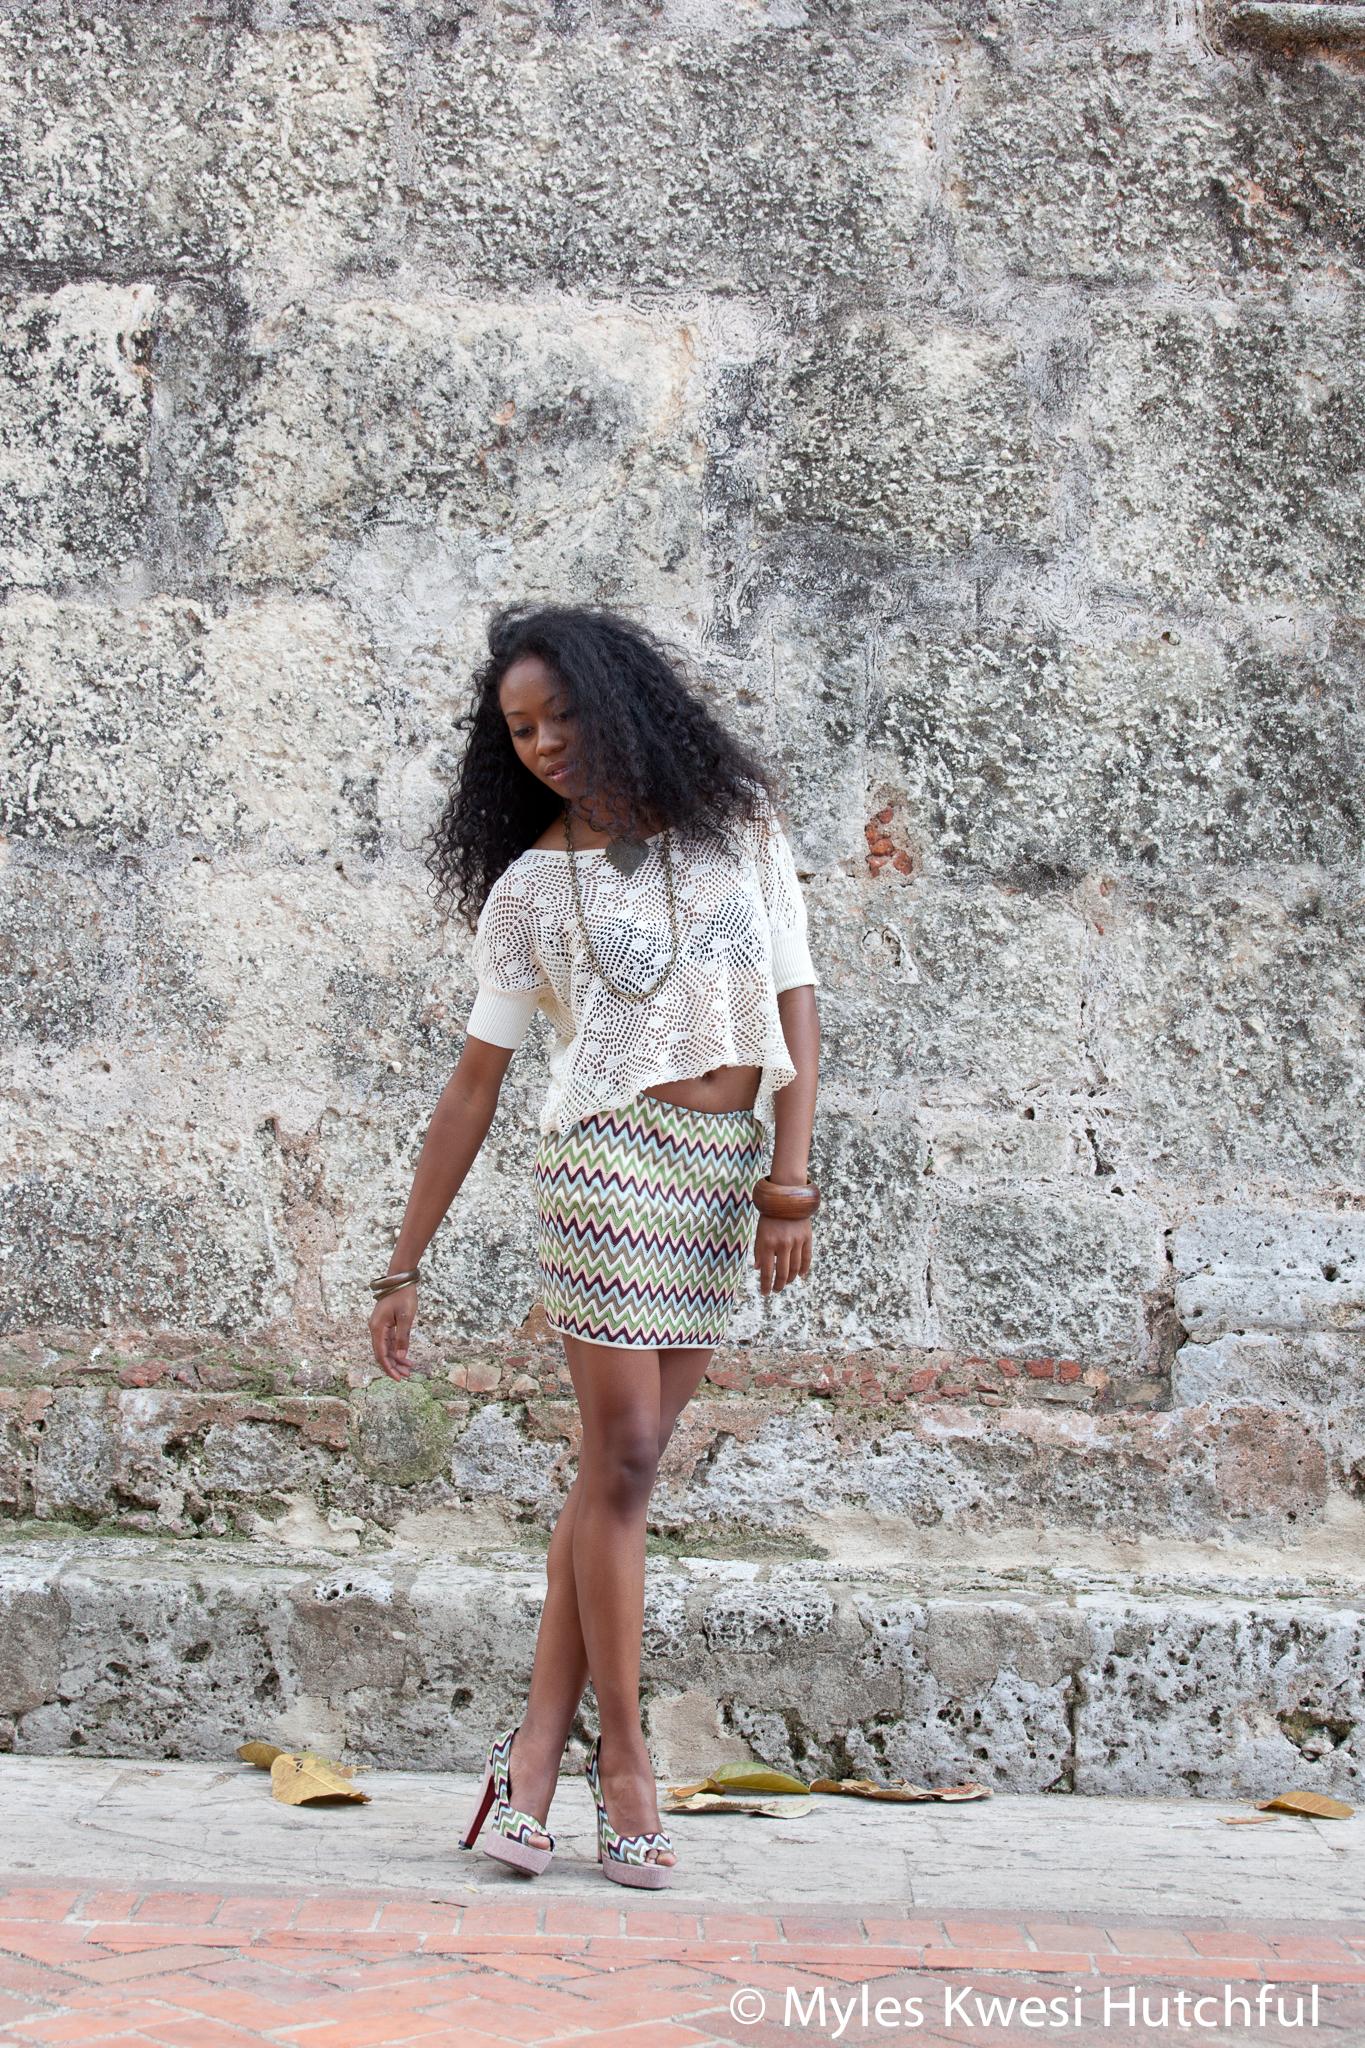 Star Tapia Dominican Republic 2